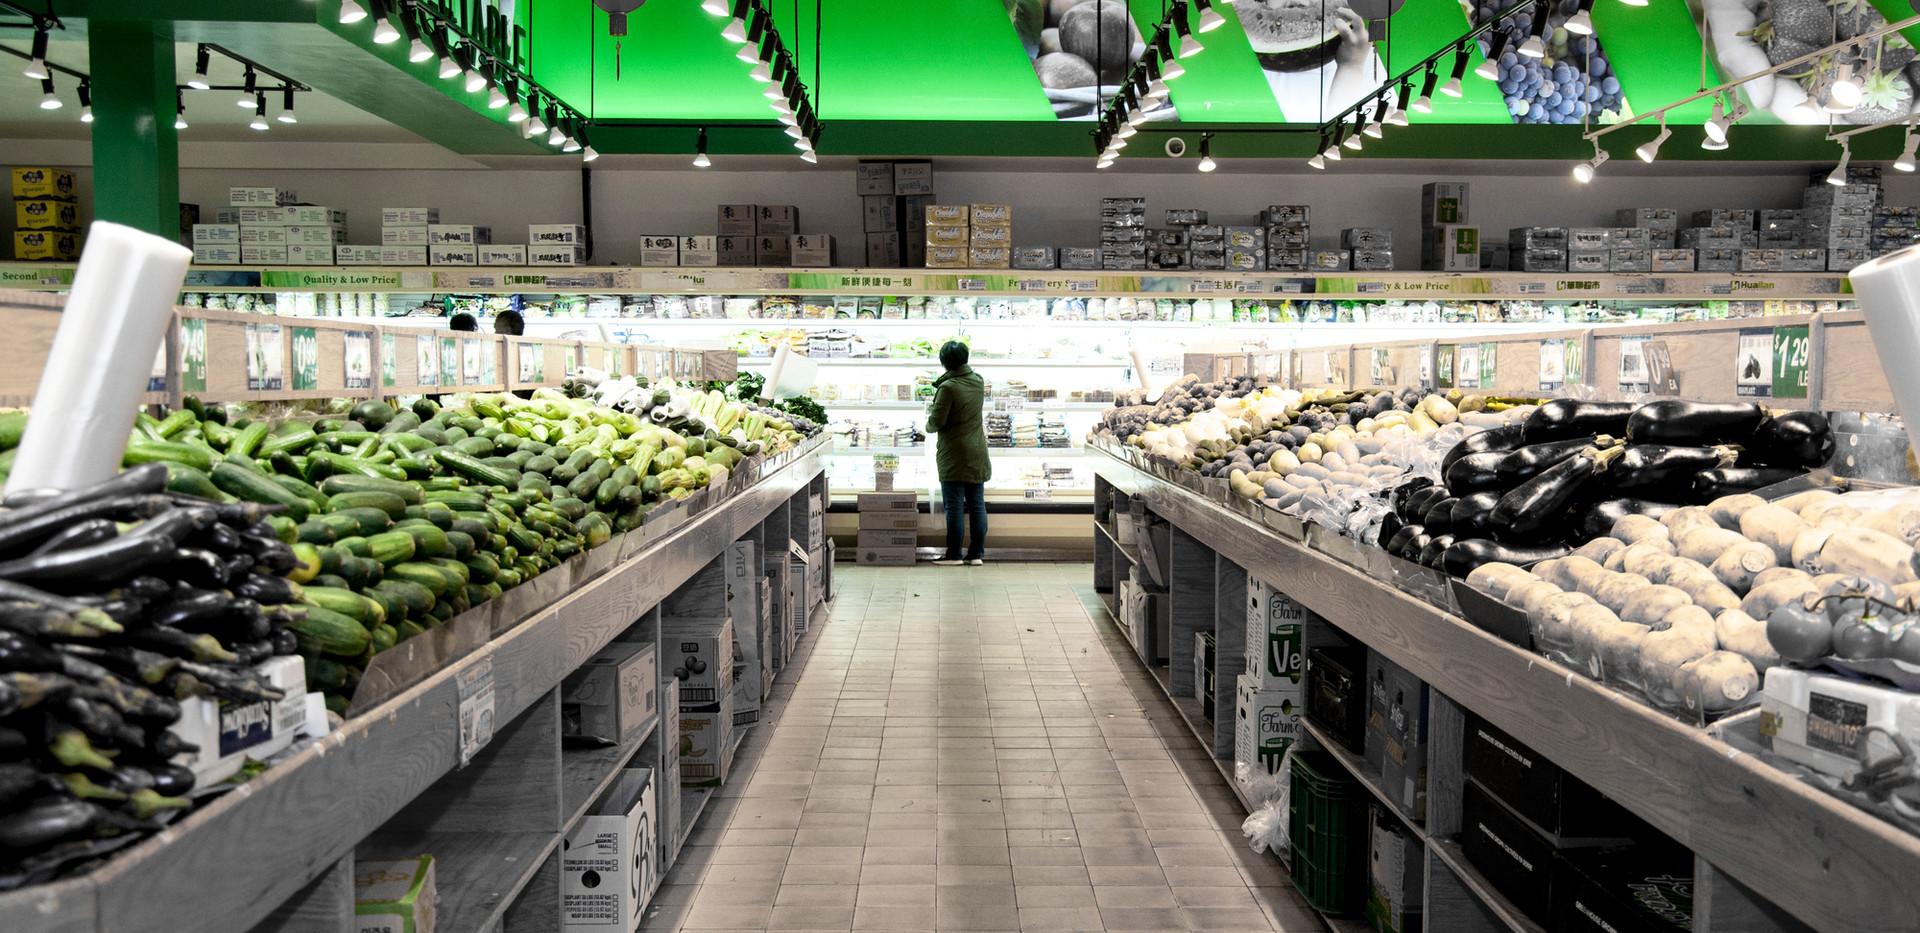 Vegetable Aisle.jpg